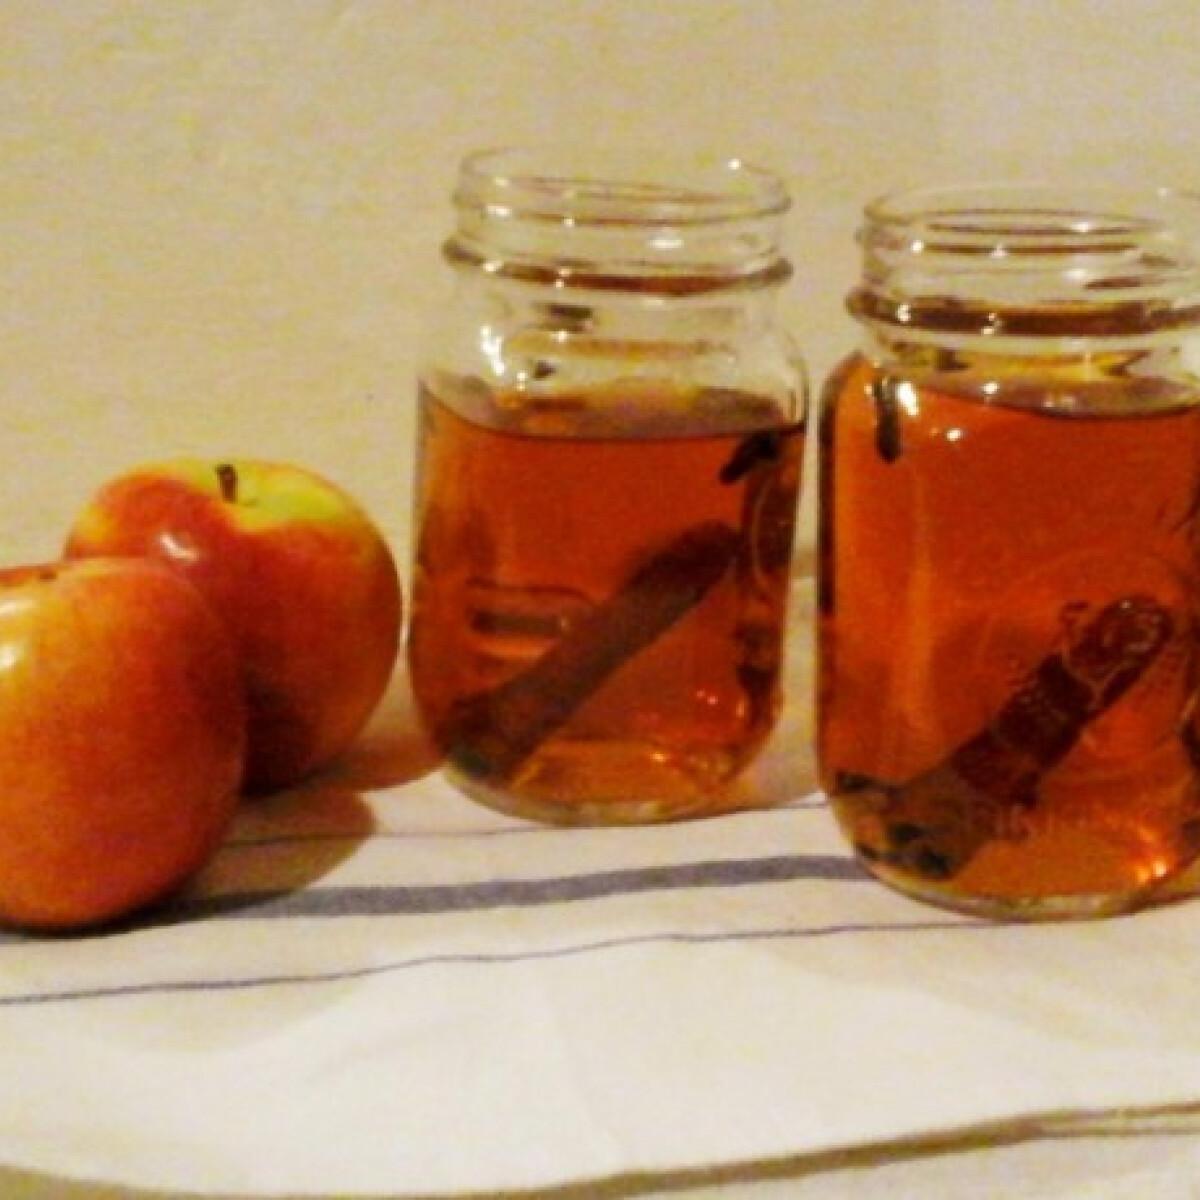 Ezen a képen: Fűszeres meleg almalé